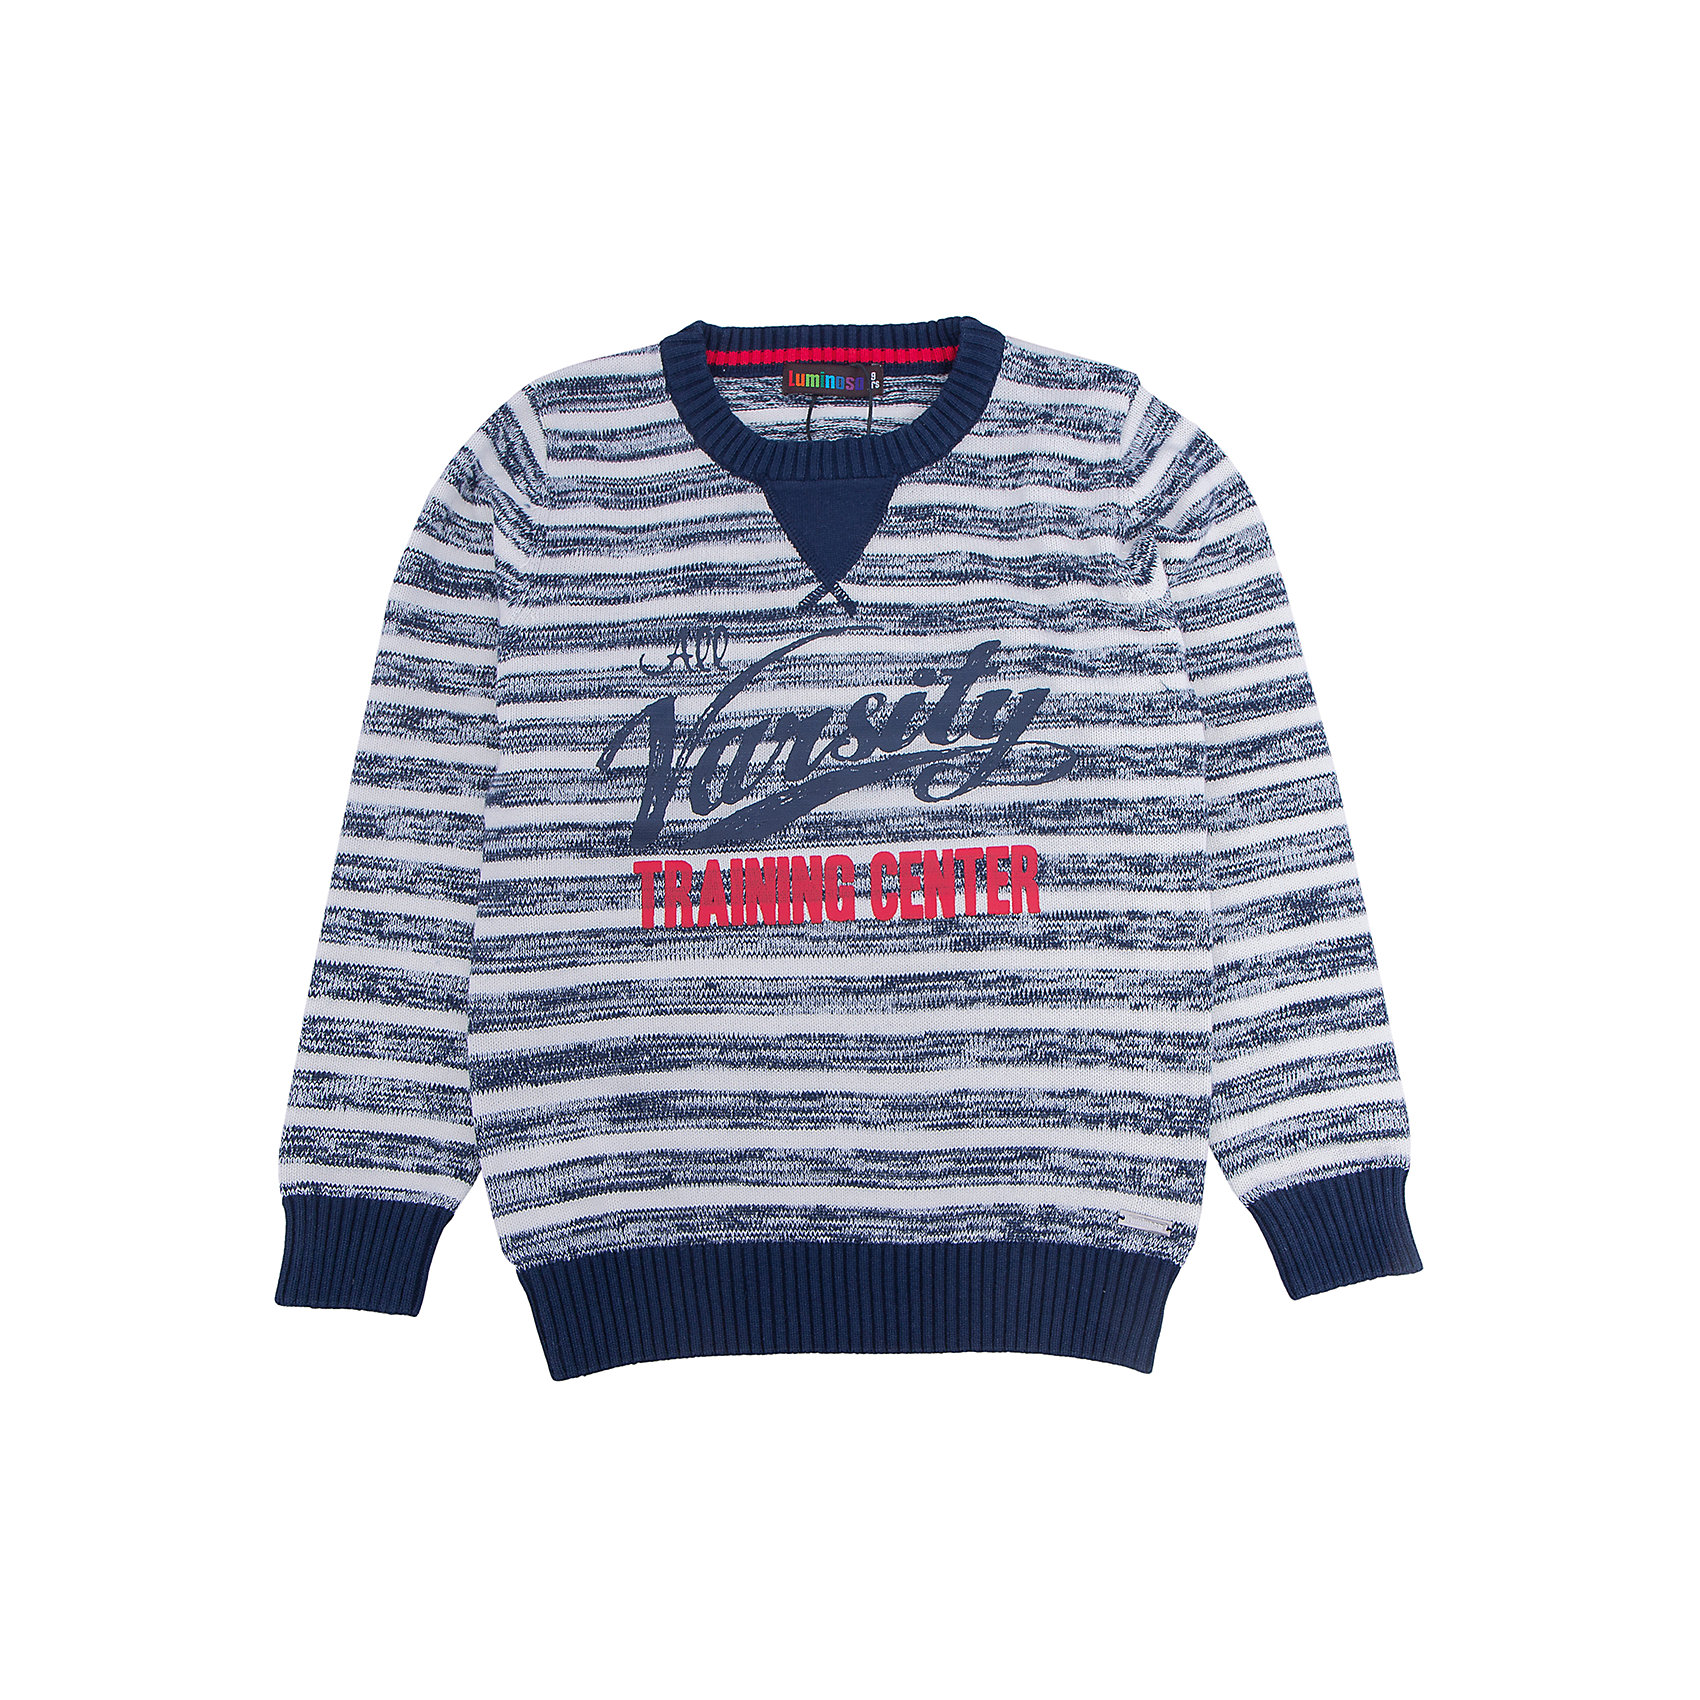 Свитер для мальчика LuminosoСвитера и кардиганы<br>Характеристики товара:<br><br>- цвет: серый;<br>- материал: 100% хлопок;<br>- принт;<br>- резинка по низу и на рукавах;<br>- длинный рукав;<br>- в полоску.<br><br>Стильная одежда от бренда Luminoso (Люминосо), созданная при участии итальянских дизайнеров, учитывает потребности подростков и последние веяния моды. Она удобная и модная.<br>Этот стильный свитер идеален для прохладной погоды. Он хорошо сидит на ребенке, обеспечивает комфорт и отлично сочетается с одежной разных стилей. Модель отличается высоким качеством материала и продуманным дизайном.<br><br>Свитер для мальчика от бренда Luminoso (Люминосо) можно купить в нашем интернет-магазине.<br><br>Ширина мм: 190<br>Глубина мм: 74<br>Высота мм: 229<br>Вес г: 236<br>Цвет: серый<br>Возраст от месяцев: 96<br>Возраст до месяцев: 108<br>Пол: Мужской<br>Возраст: Детский<br>Размер: 134,164,140,146,152,158<br>SKU: 4931012